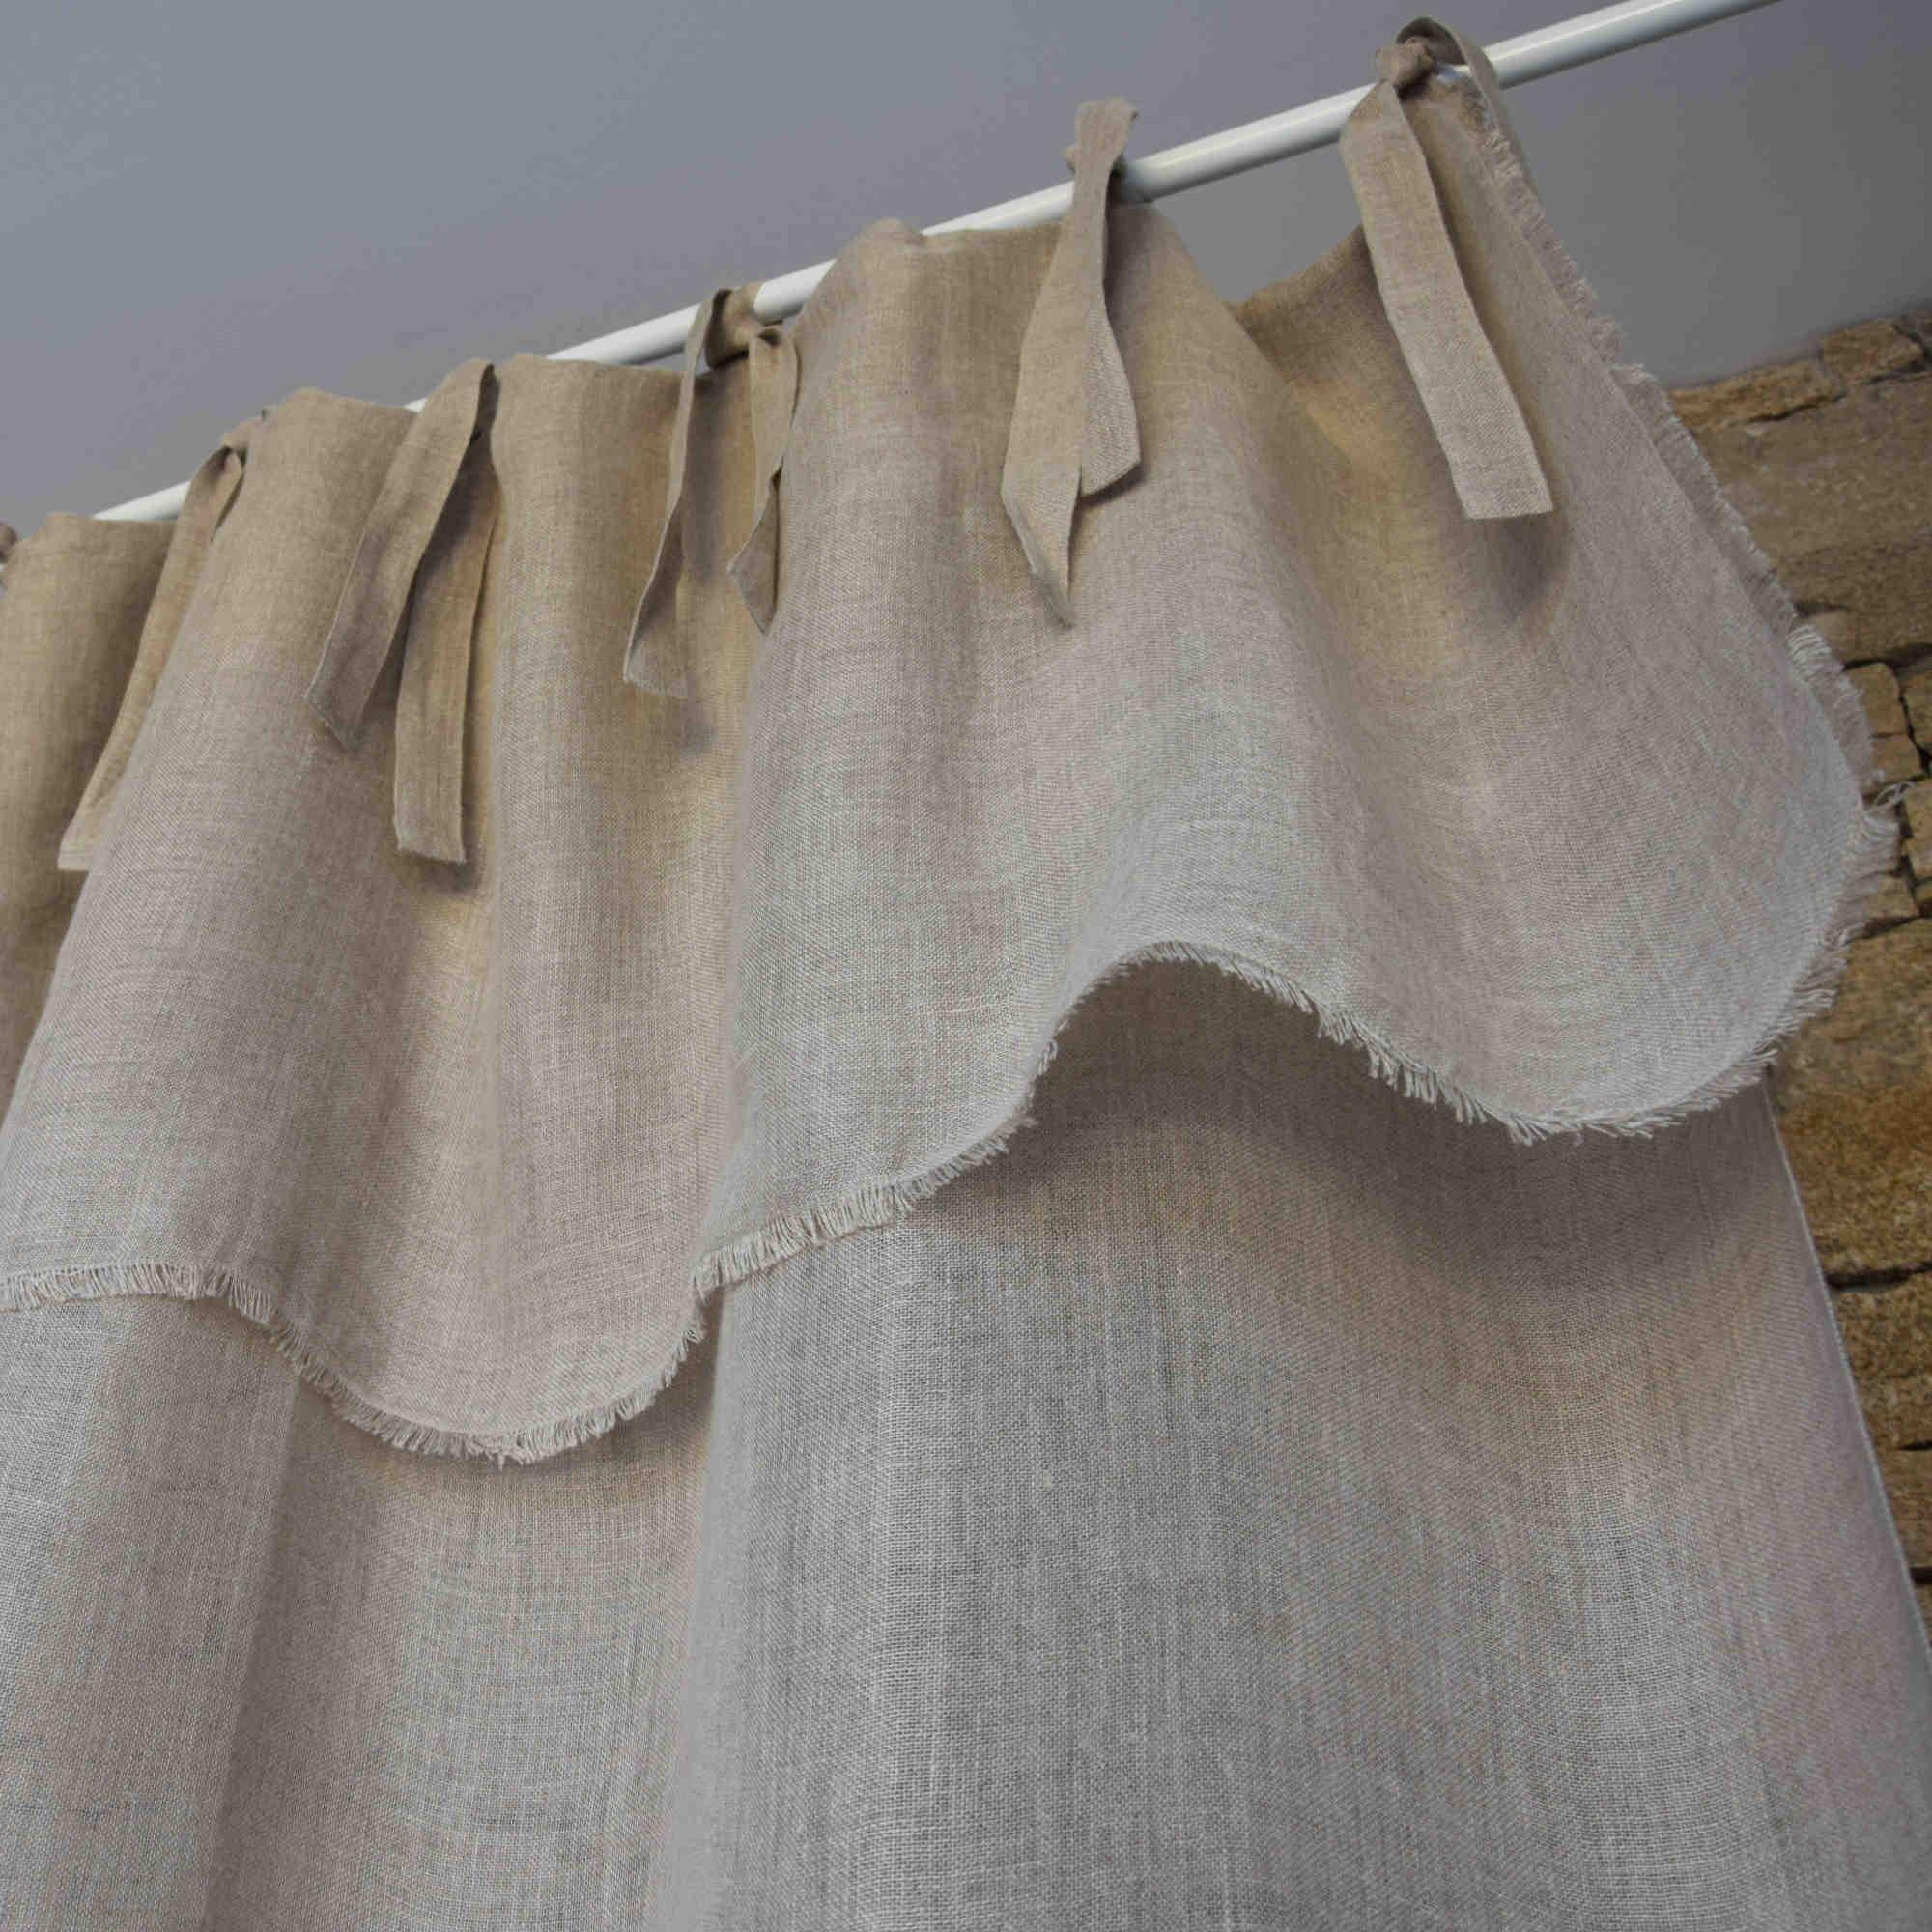 Rideaux Lin Pas Cher. Gallery Of Rideaux En Lin Naturel A avec Rideau Gaze De Lin